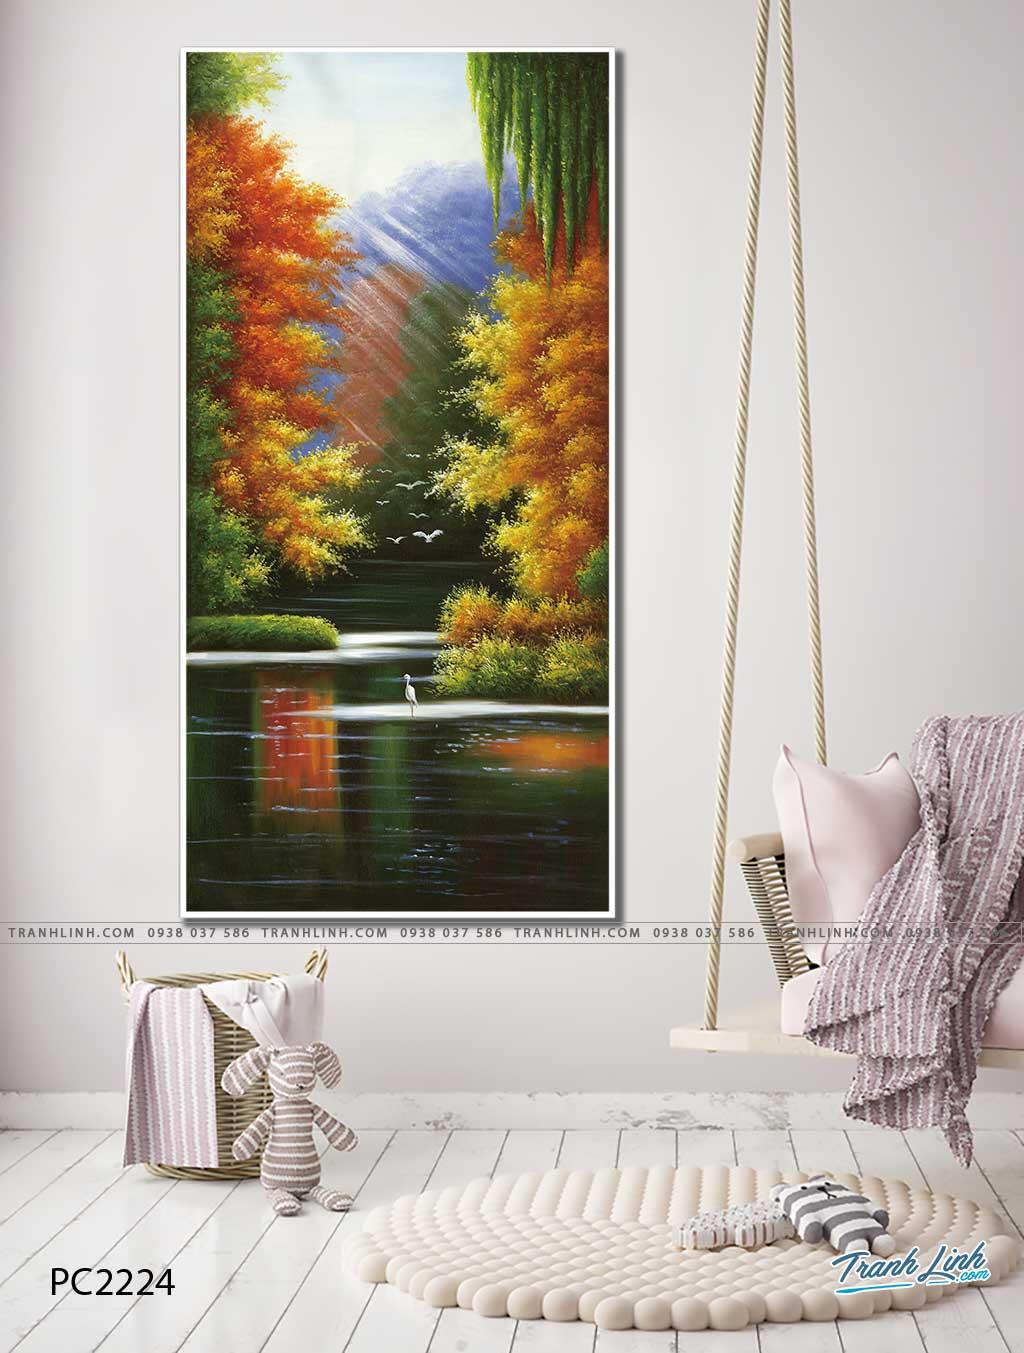 tranh canvas phong canh 2224